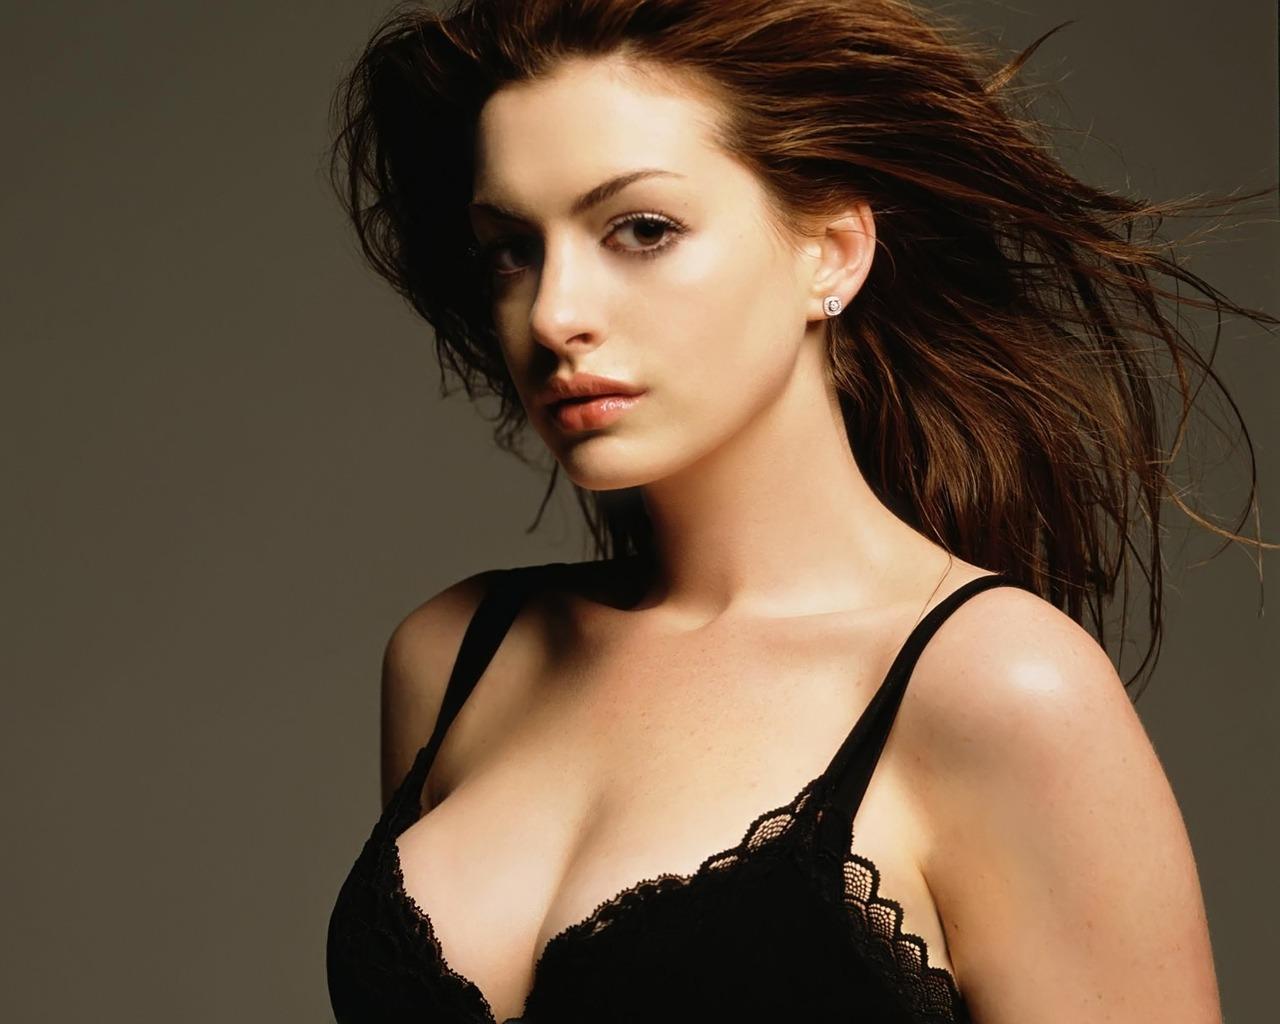 http://3.bp.blogspot.com/-5-9OgnCHsgU/ToXDcQBYeLI/AAAAAAAAArA/Ile9BnX-2B4/s1600/anne_hathaway_sexy_girl_wallpapers_26523032564231661.jpg